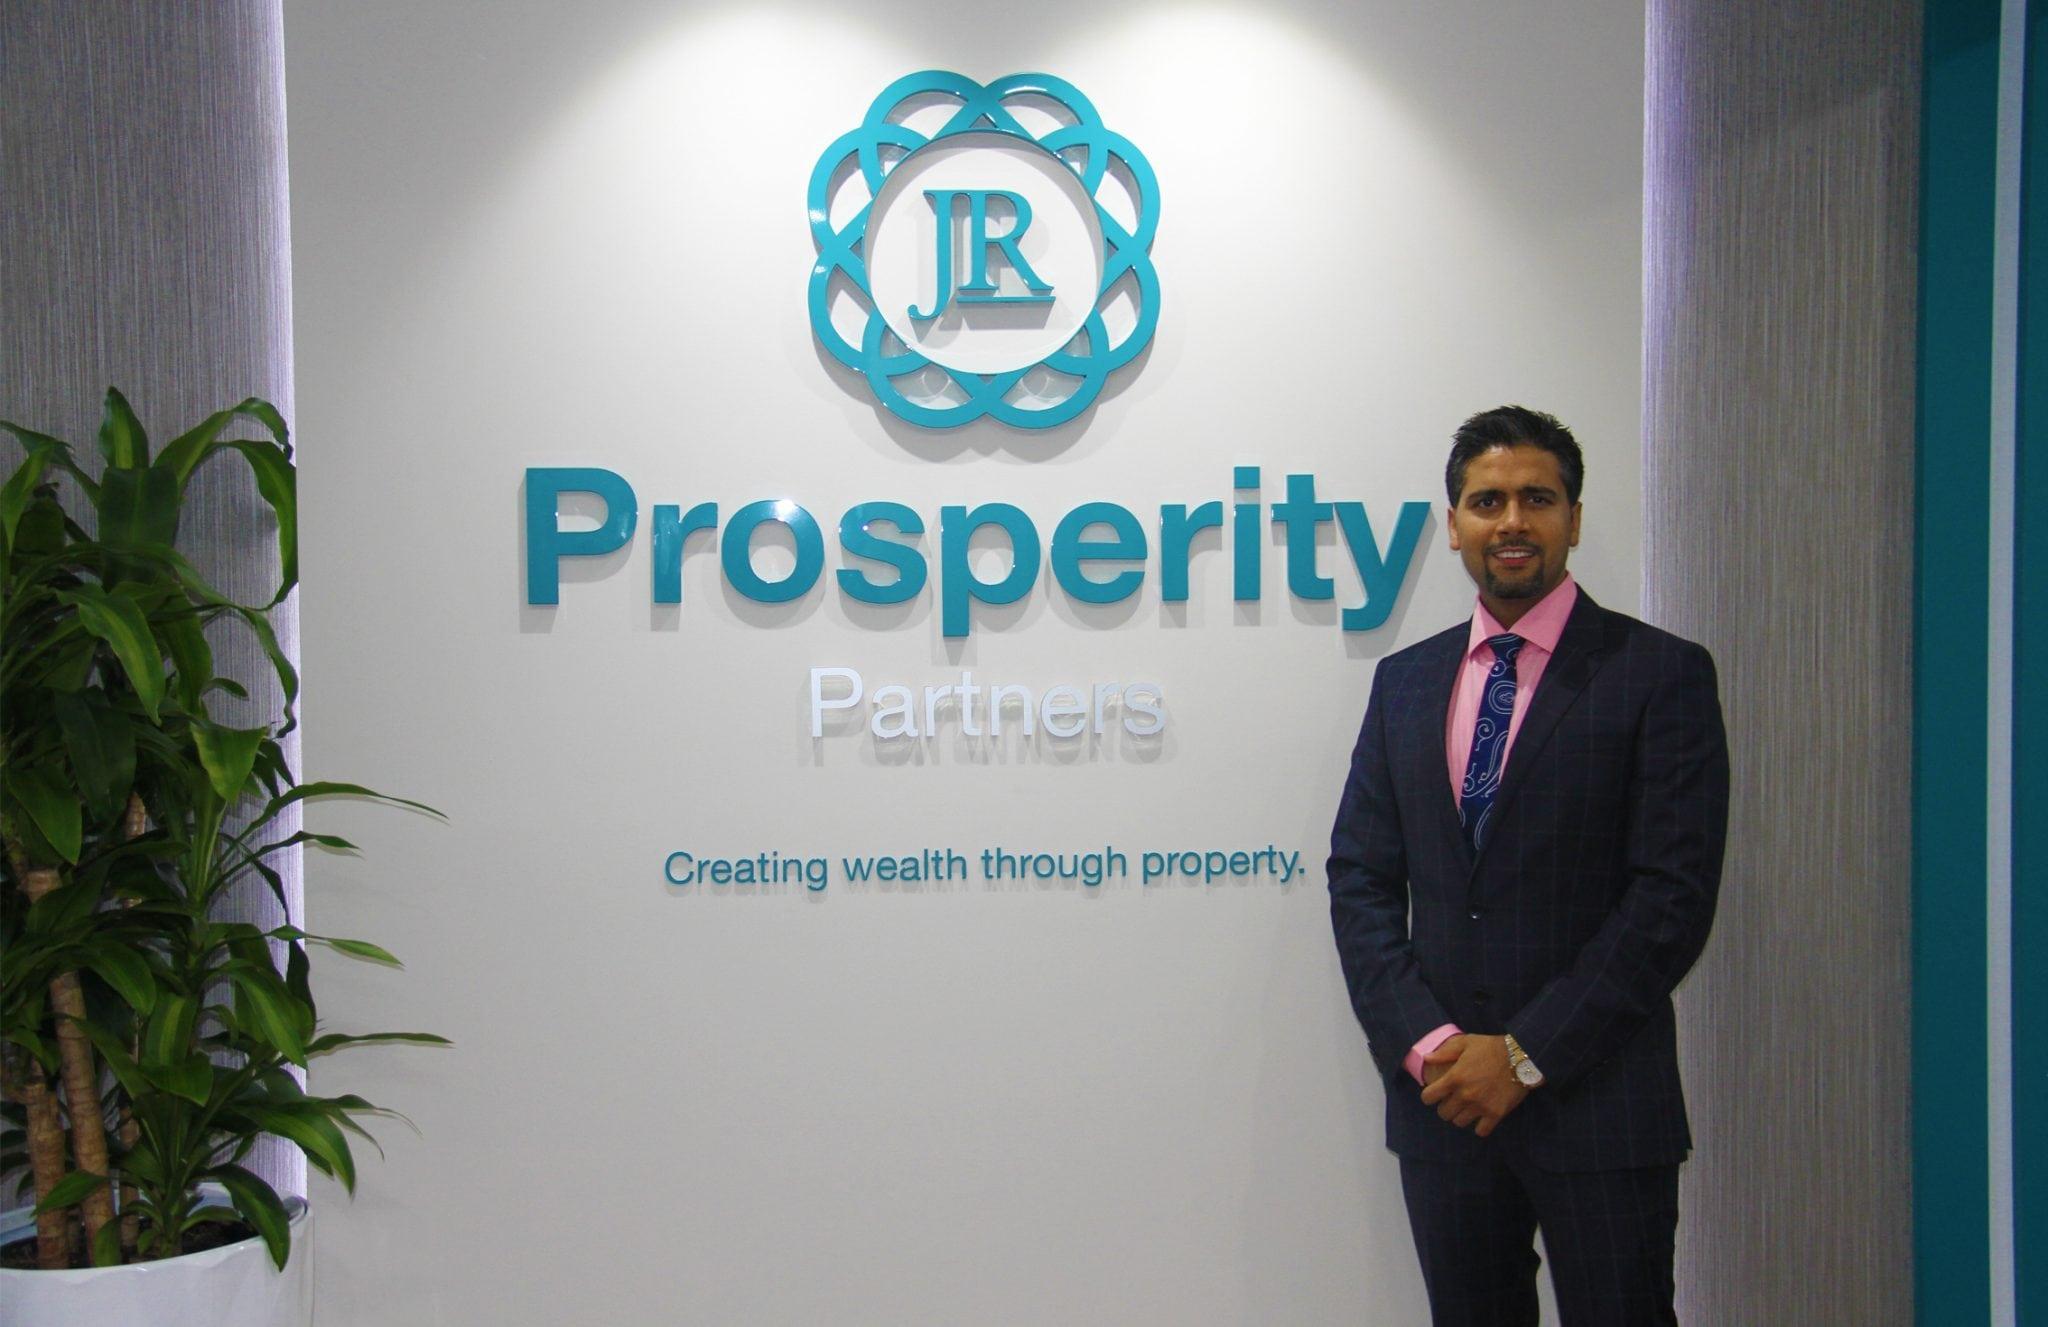 JR Prosperity Partners